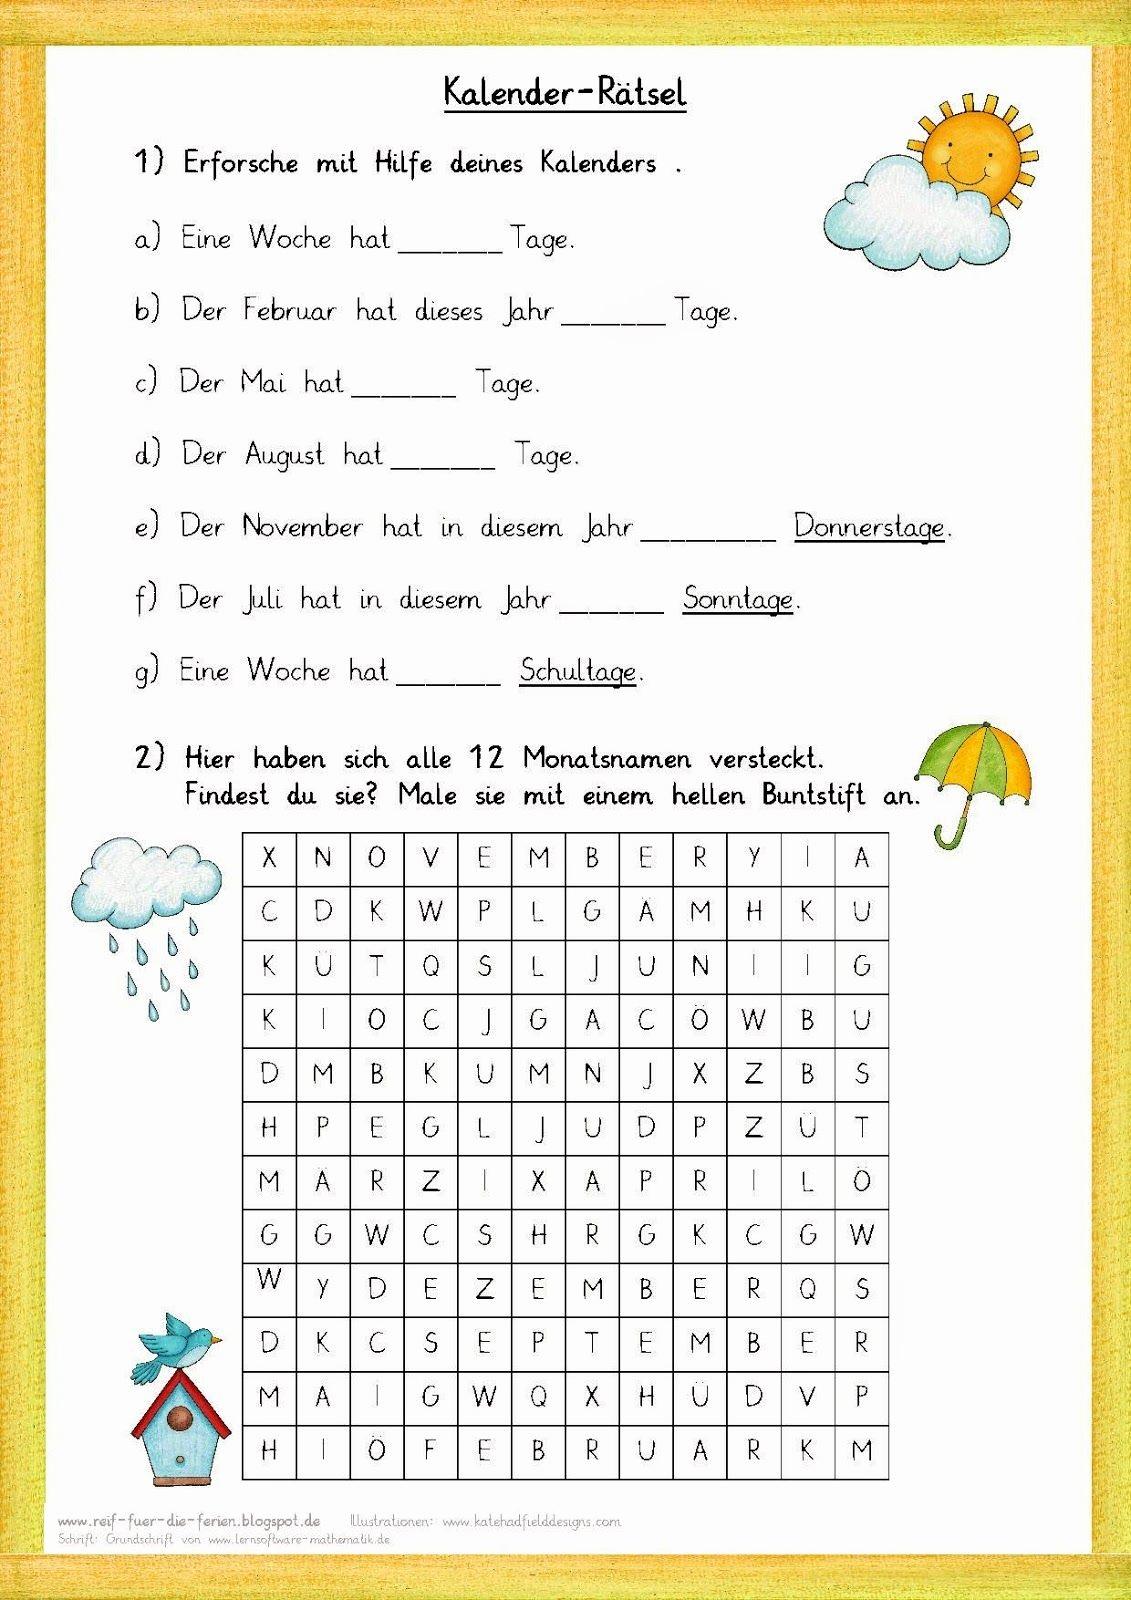 Rätsel Für Senioren Zum Ausdrucken Frisch Kalender Rätsel innen Gratis Kreuzworträtsel Zum Ausdrucken